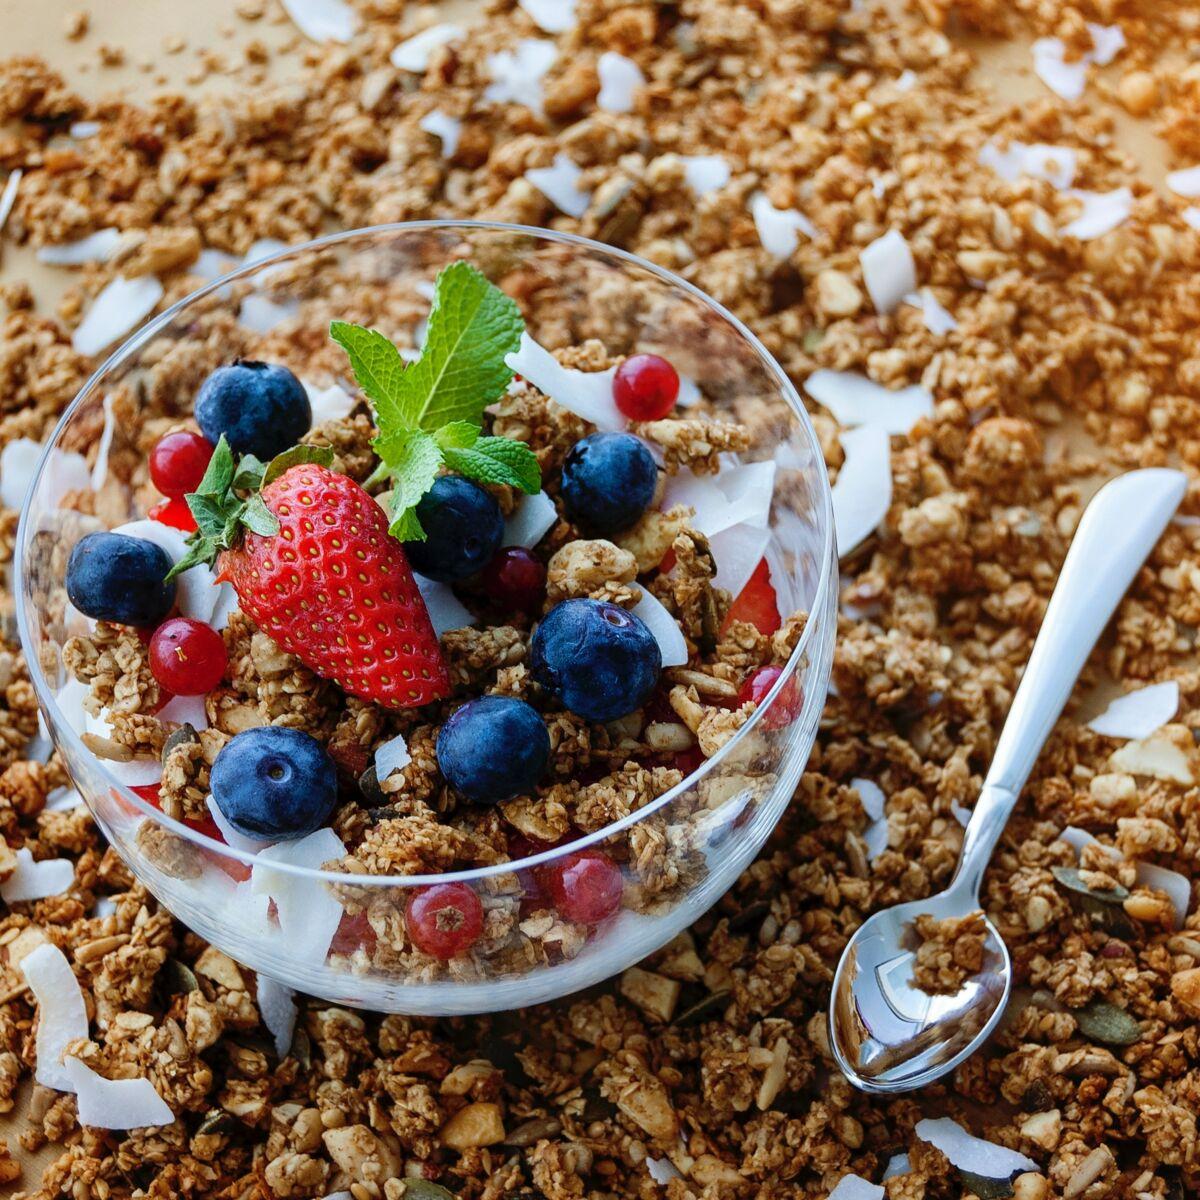 Examen du régime des céréales: ça marche pour perdre du poids?